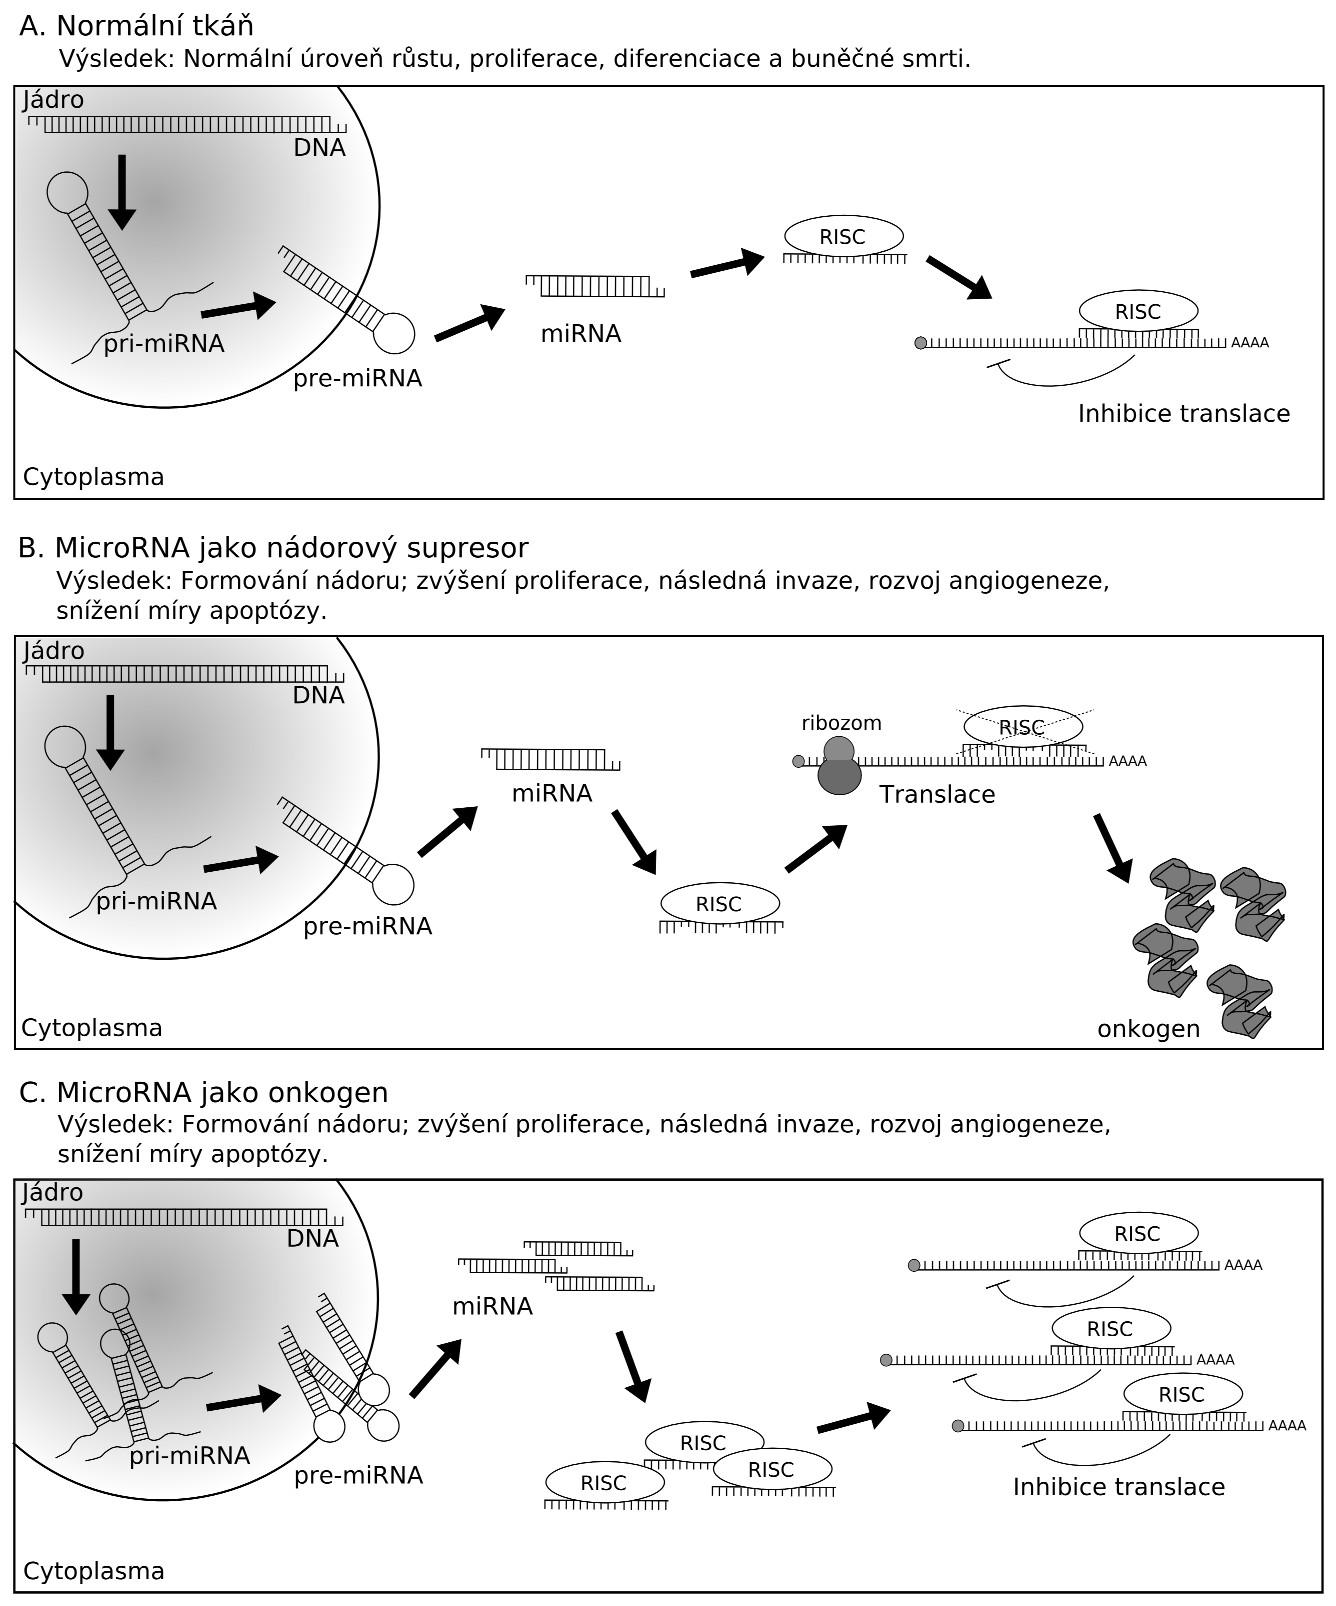 Biogeneze microRNA je zahájena transkripcí primárního transkriptu pri-miRNA pomocí RNA polymerázy II (Pol II). Protein Drosha zajišťuje úpravu pri-miRNA na prekurzor pre-miRNA. Následně je premiRNA exportována z jádra za účasti exportního receptoru Exportin-5 s kofaktorem Ran-GTP (E). V cytoplazmě pokračuje úprava pre-miRNA enzymem Dicer na duplex miRNA, z něhož je jeden řetězec degradován a druhý je využit jako zralá funkční miRNA. Ta je začleněna do komplexu RISC, který umožňuje inhibici translace cílové mRNA nebo její degradaci. Jádro komplexu RISC tvoří protein Argonaut (AGO).